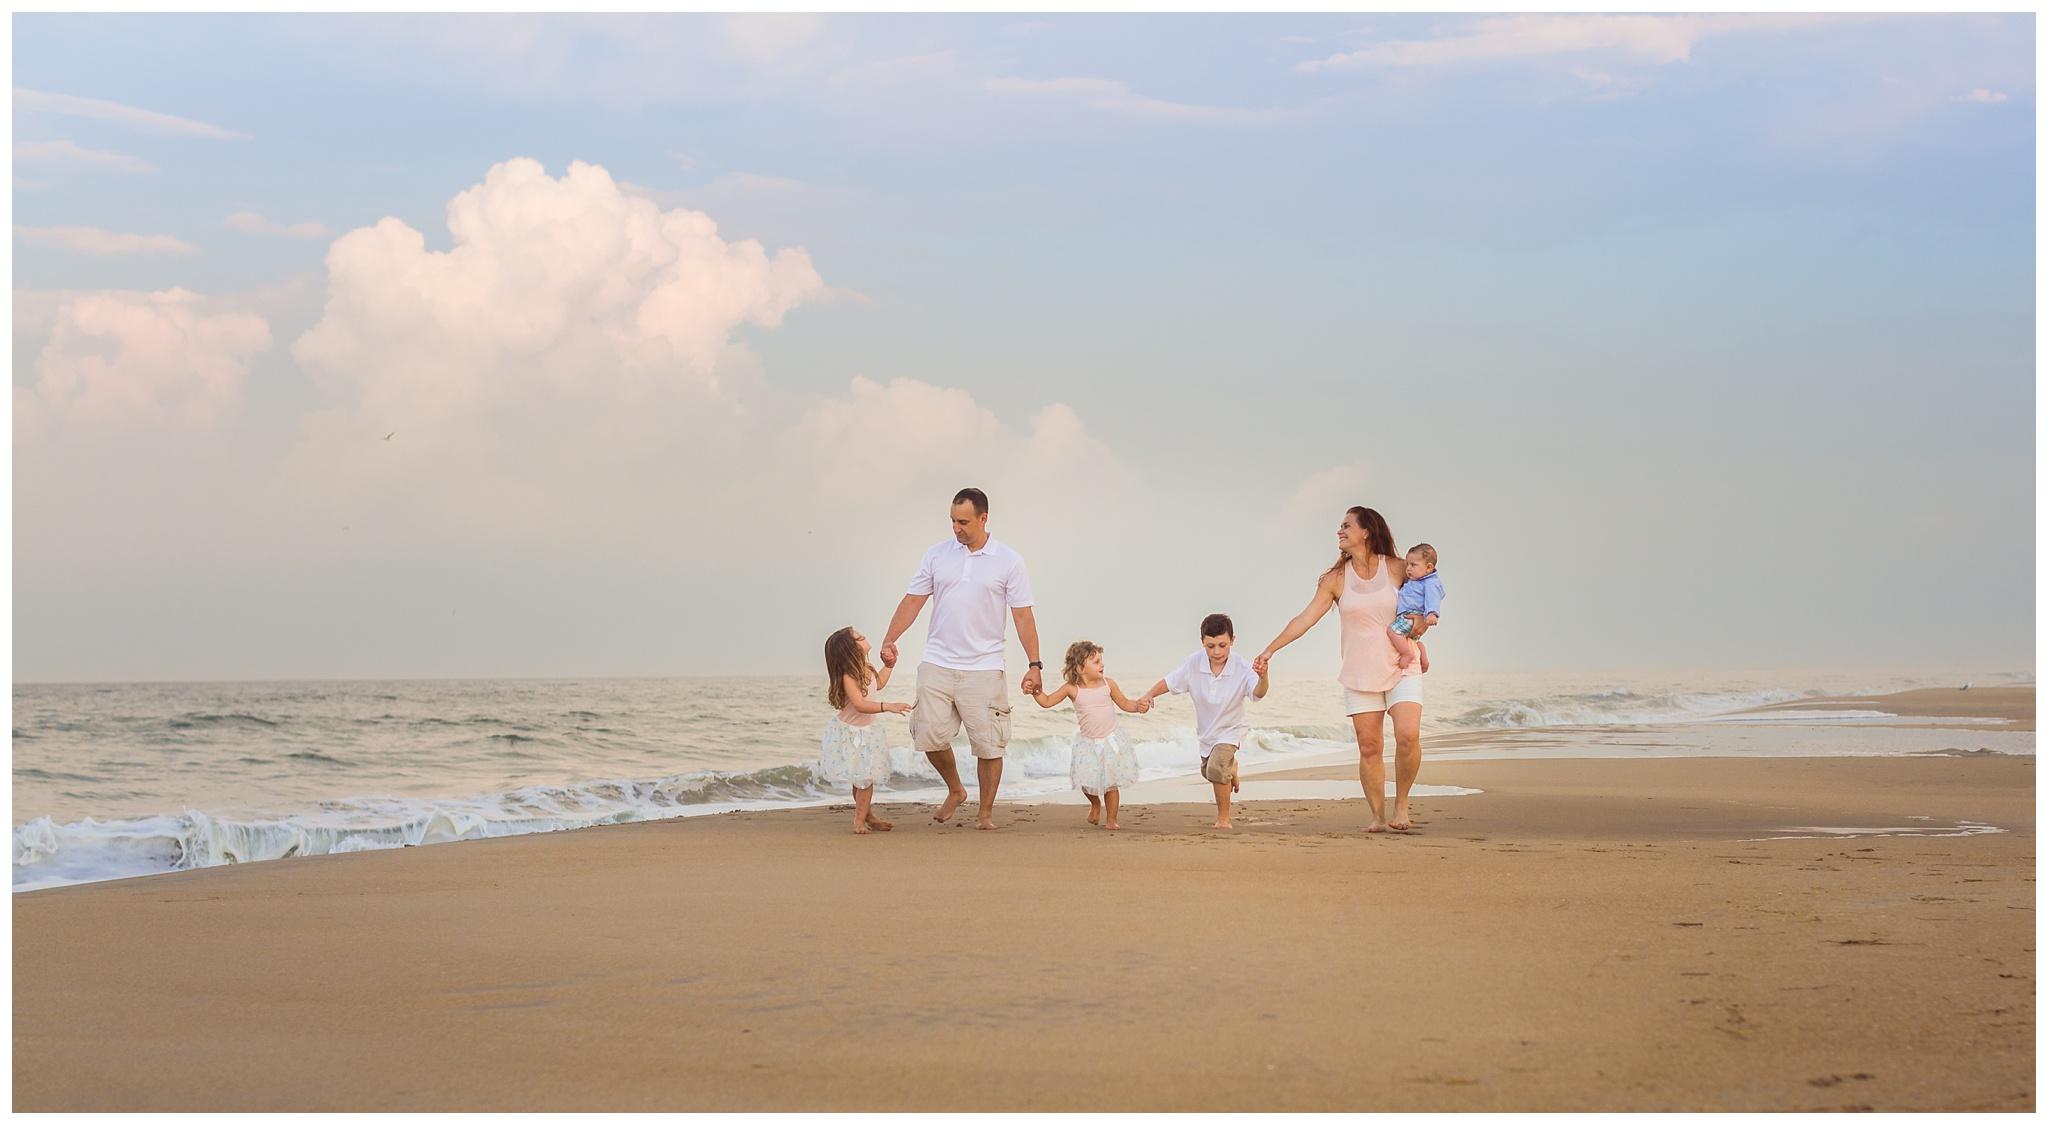 Virginia-Beach-Family-Photographer -7-2.jpg